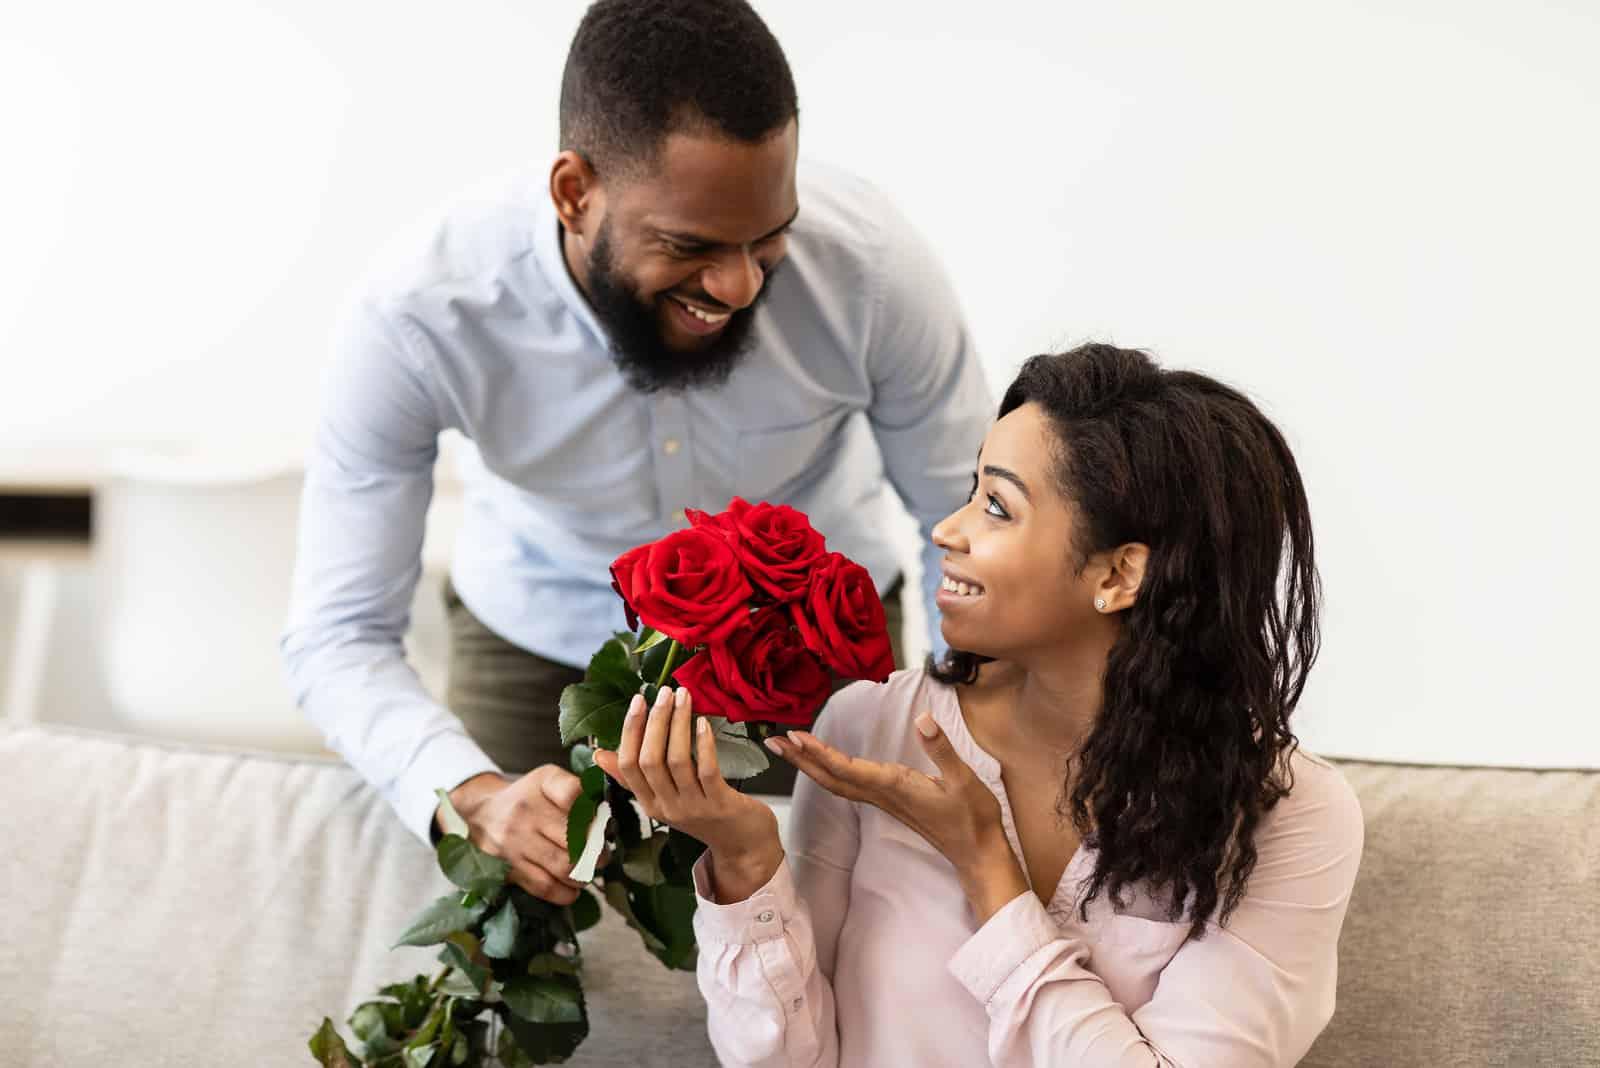 Der Ehemann gibt der glücklichen Frau einen Strauß roter Rosen